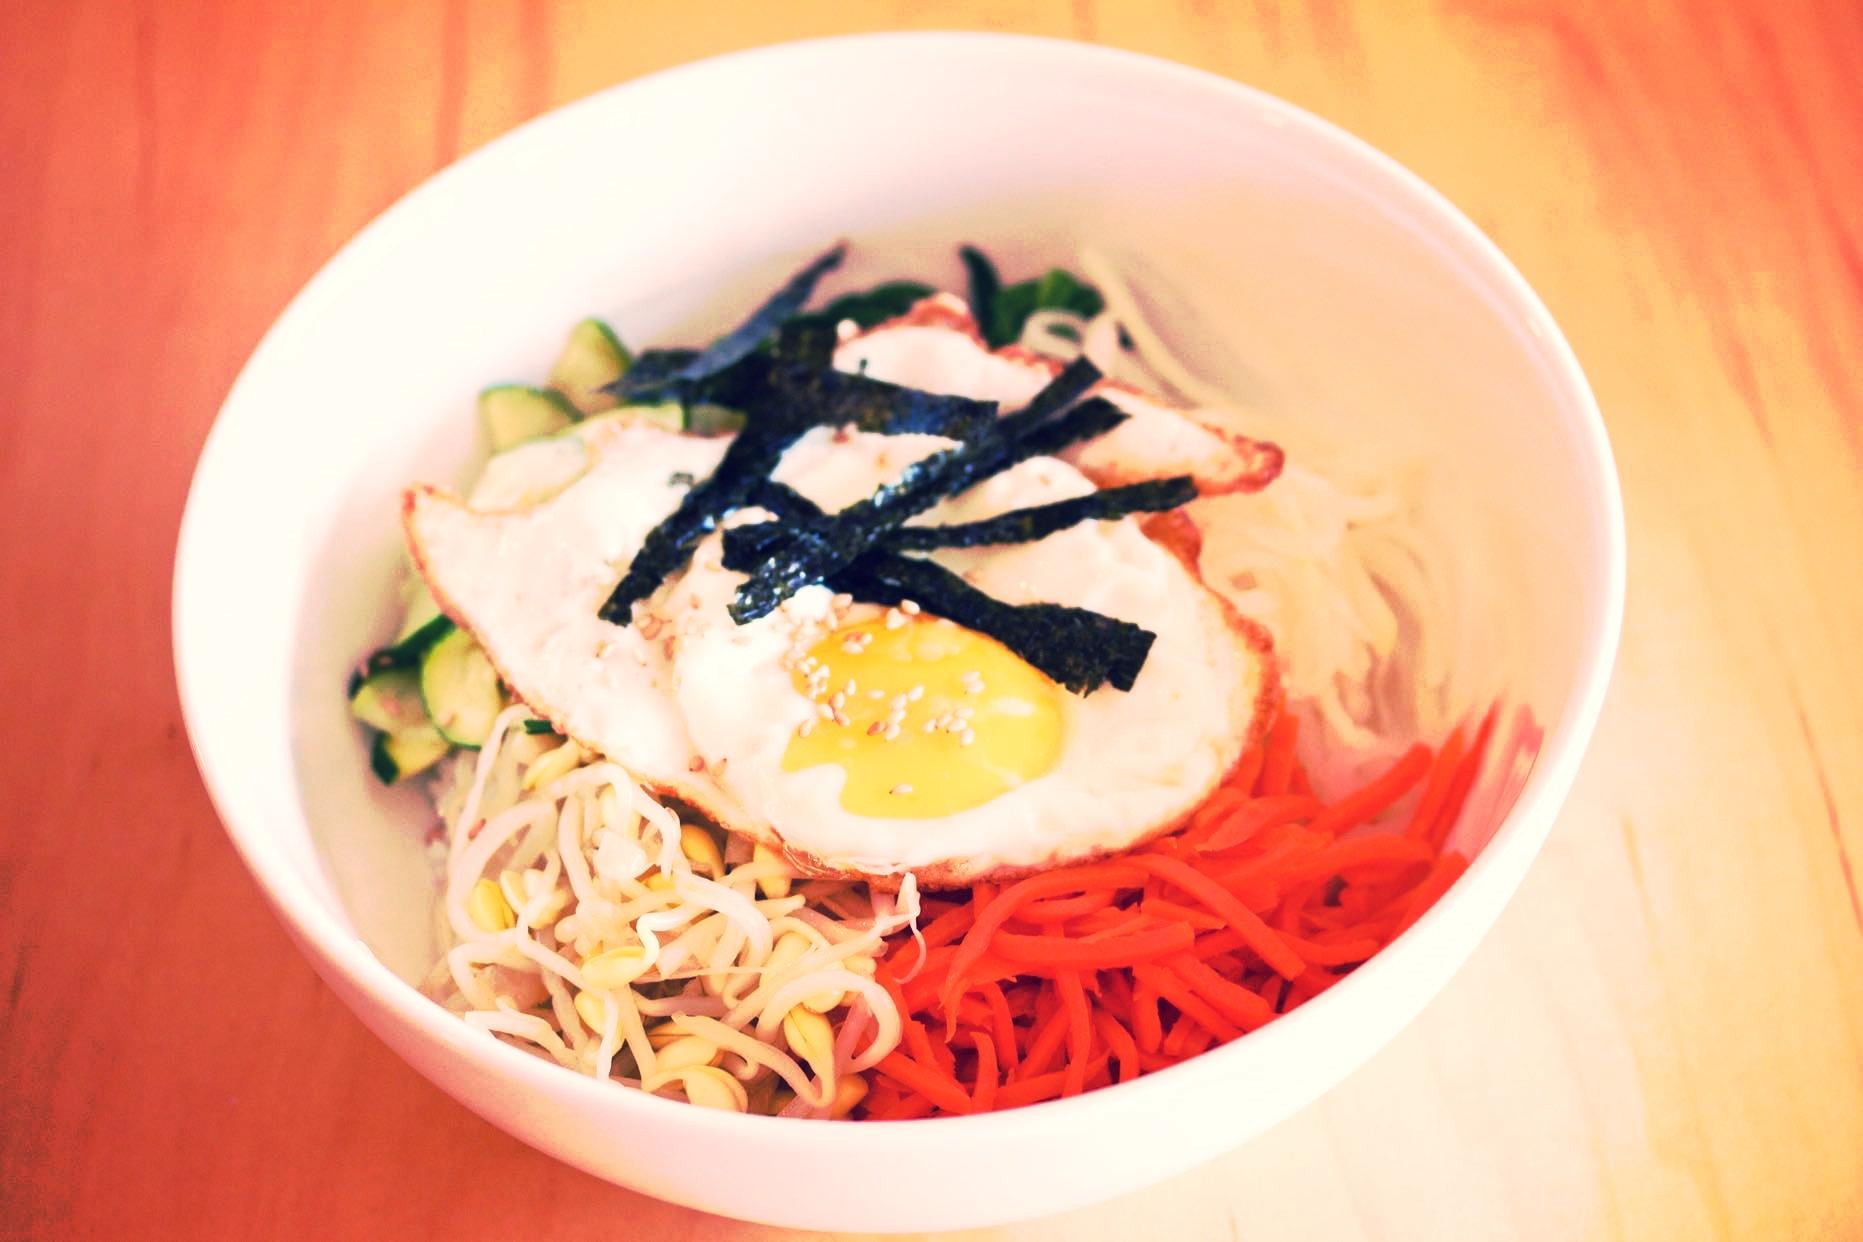 St Louis Cardinals would love Kimchi Kitchen's Bibimbap